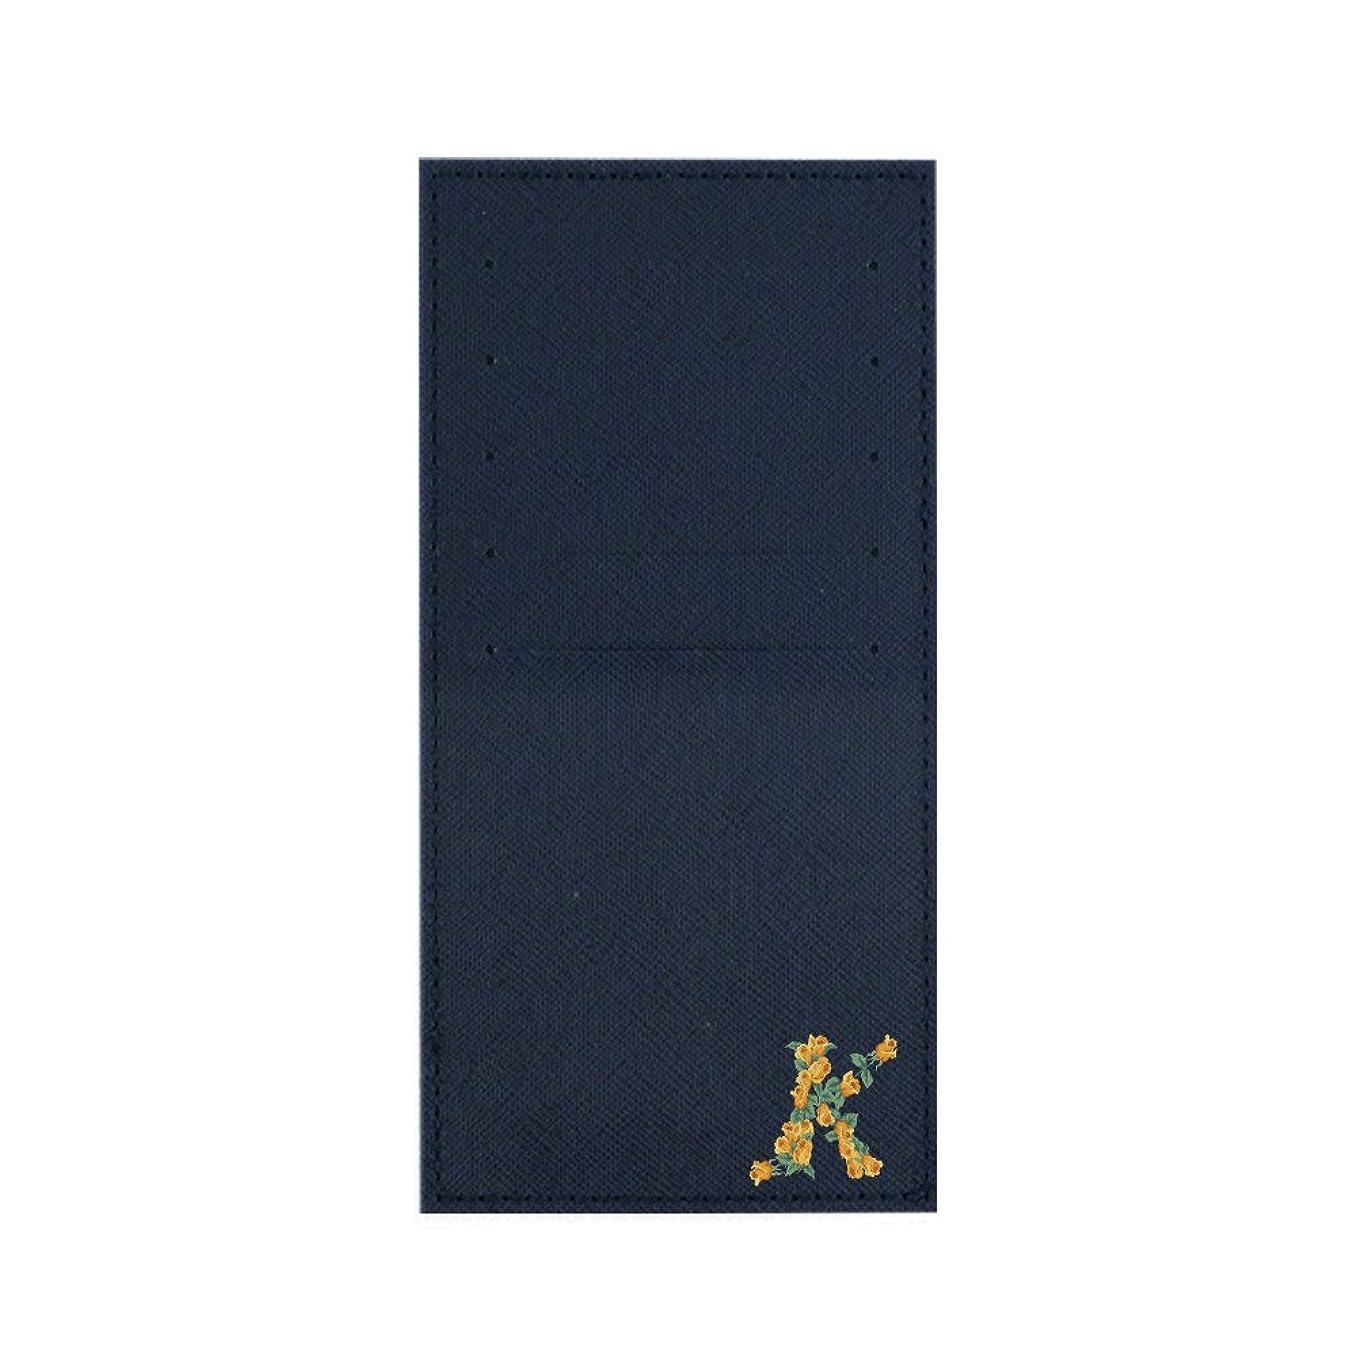 逮捕無人テレビインナーカードケース 長財布用カードケース 10枚収納可能 カード入れ 収納 プレゼント ギフト 2799フラワーネーム ( K ) ネイビー